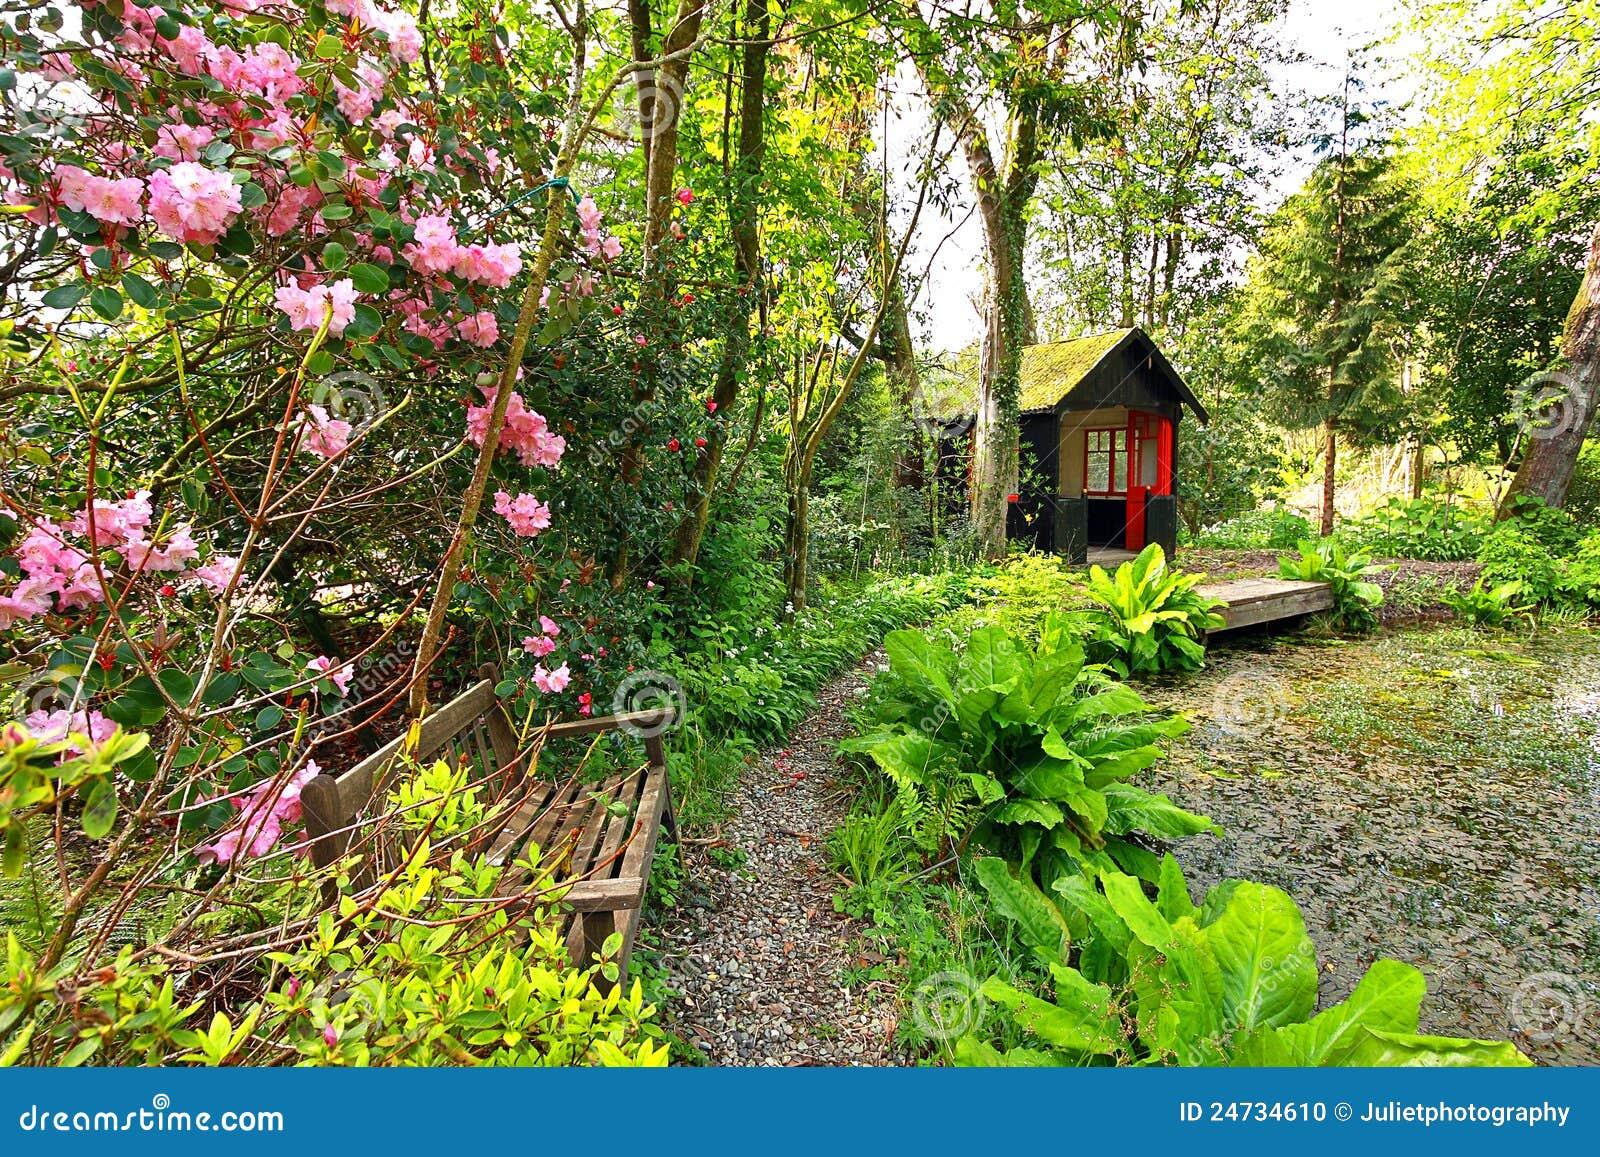 Beau Jardin Romantique Dans Le Printemps Photo stock - Image du ...